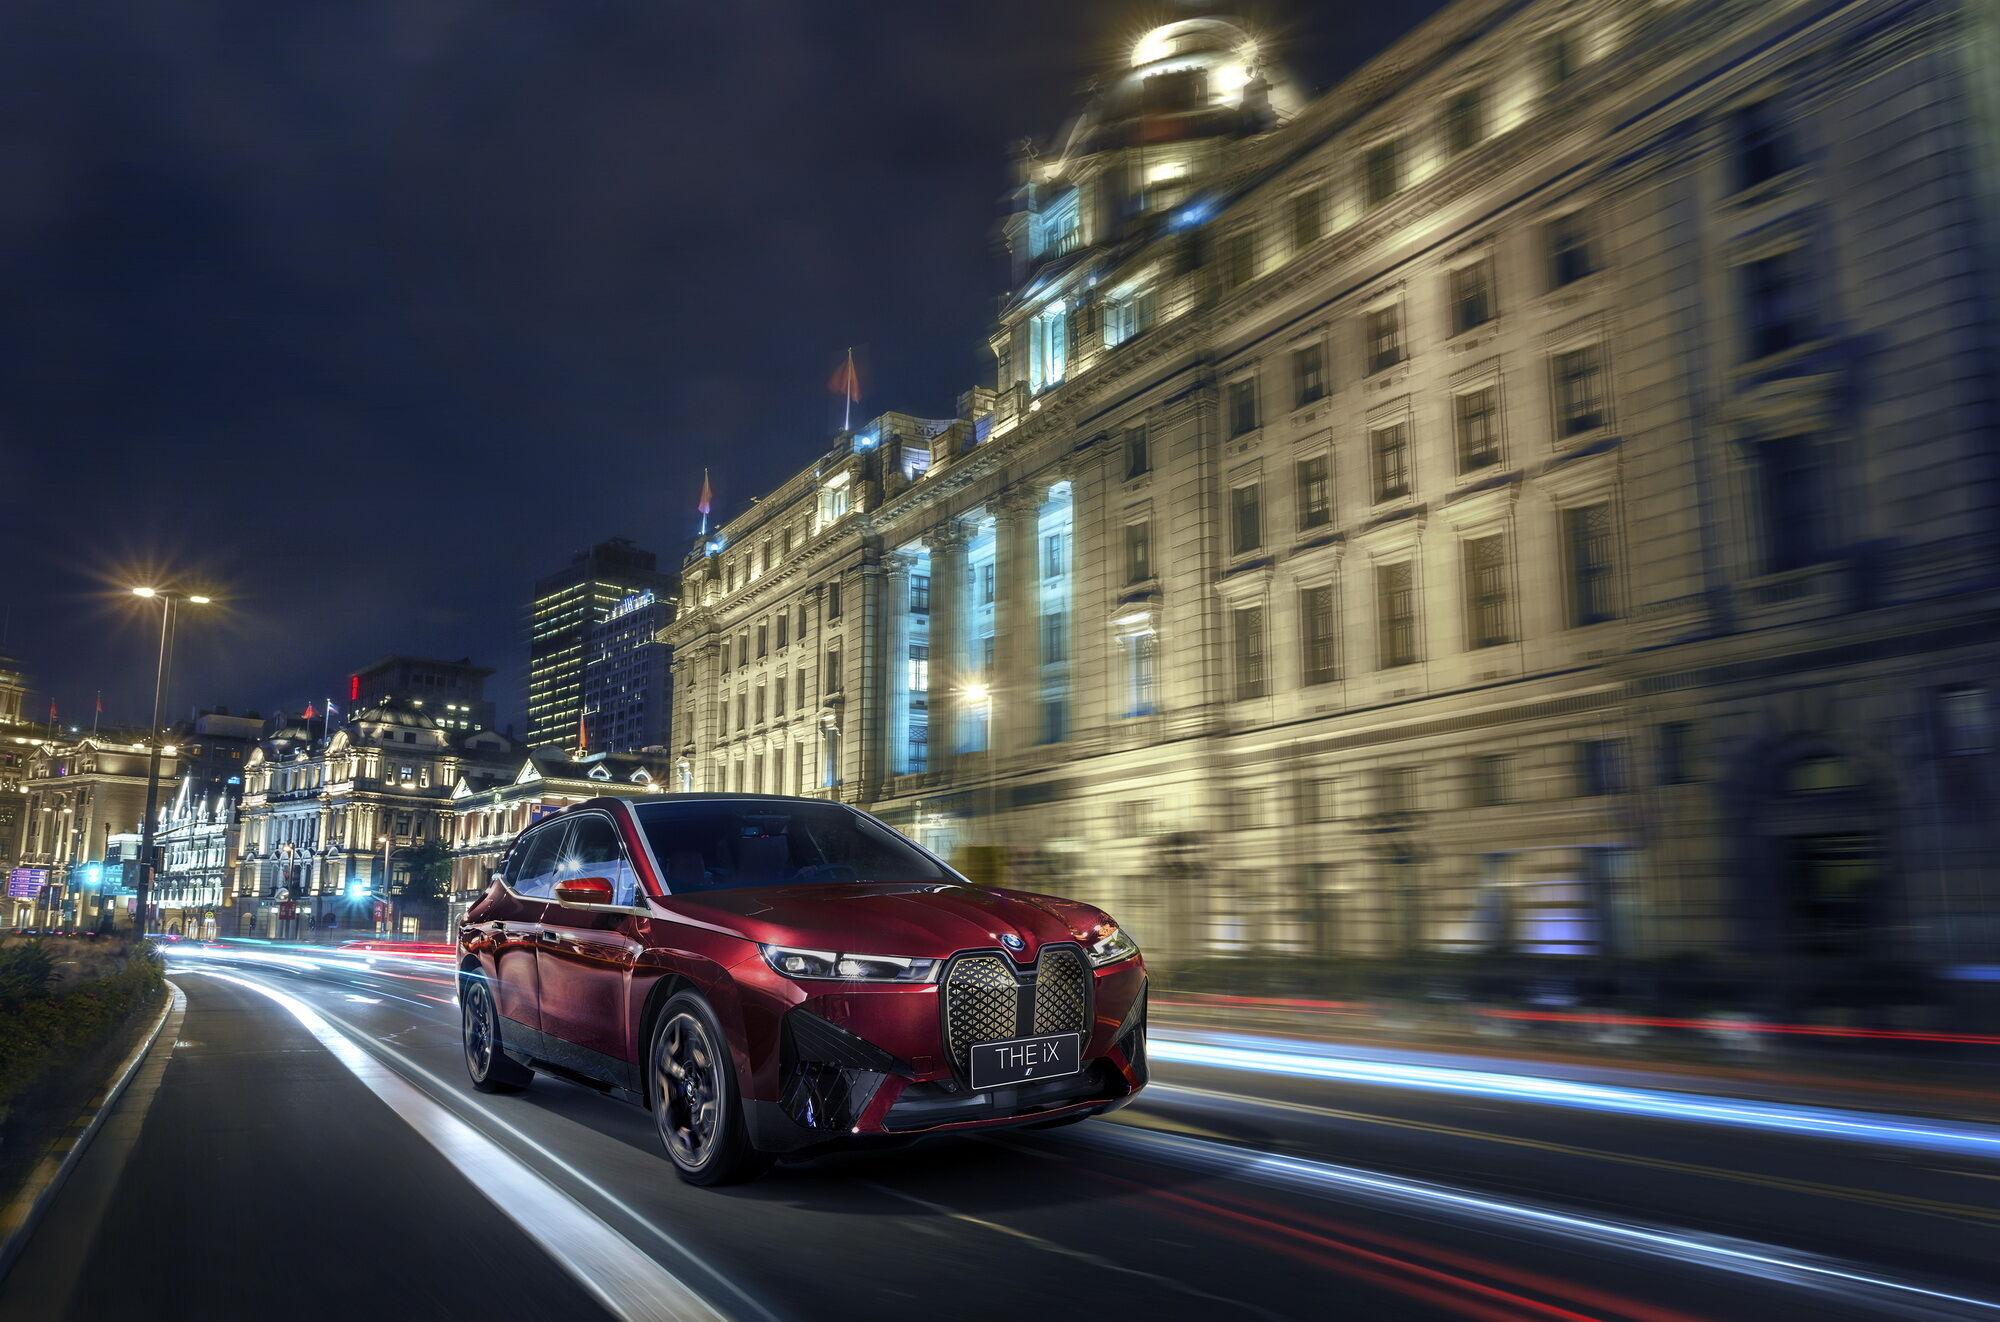 Покупцям будуть доступні повнопривідні моделі BMW iX xDrive50 та BMW iX xDrive40 з двома електромоторами